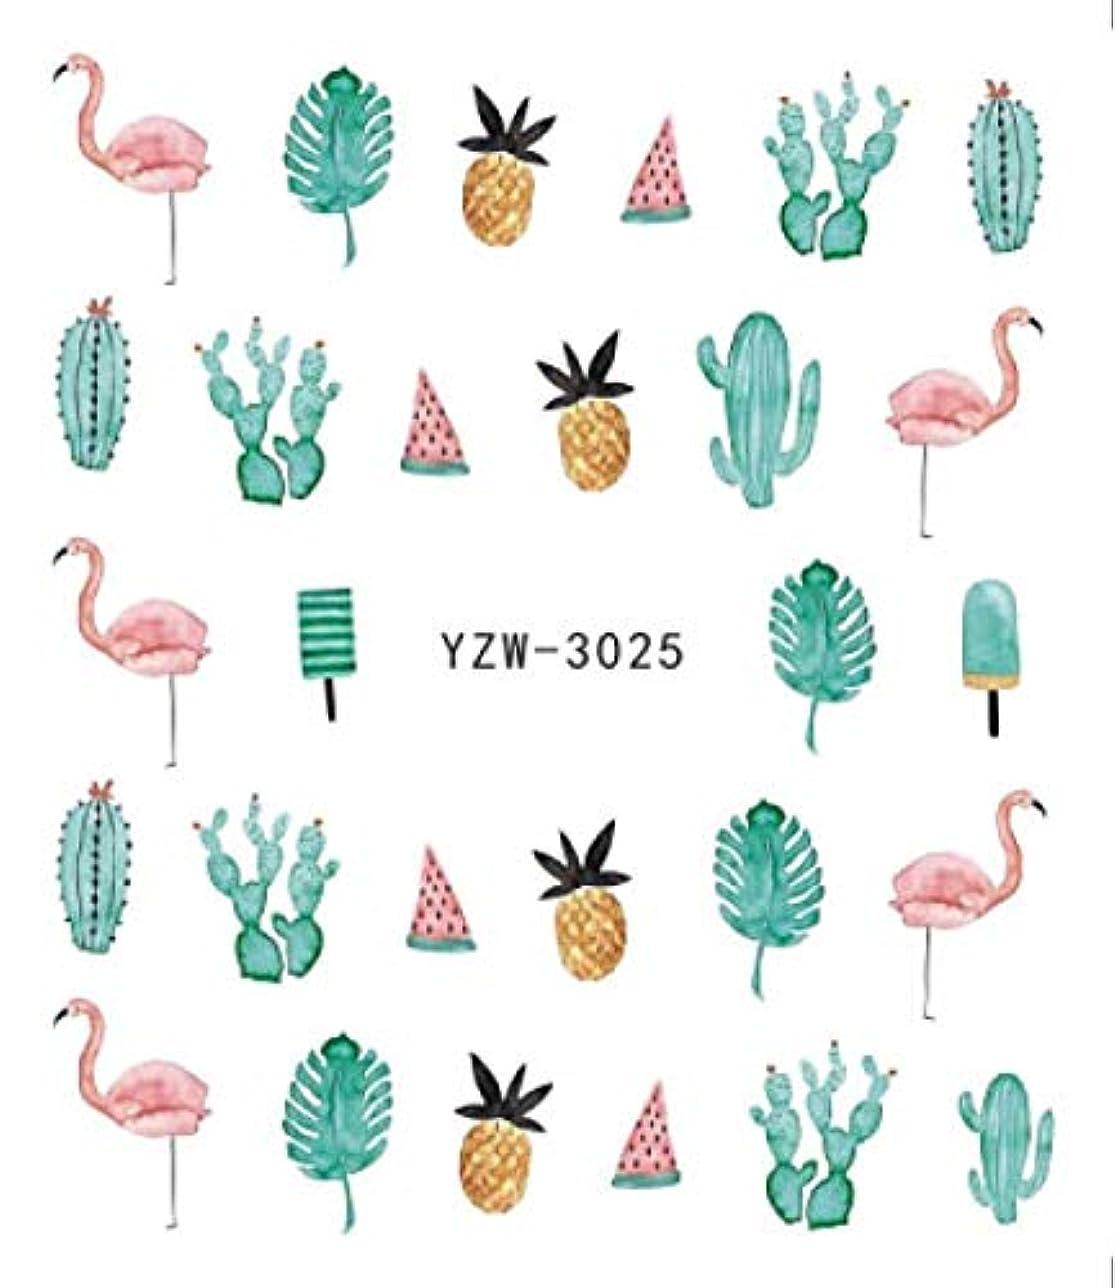 サイト要旨レースSUKTI&XIAO ネイルステッカー 甘いフルーツネイルアート水転写ステッカーネイルデコレーションセット女性メイクアップdiy美容入れ墨ツール、Yzw-3025